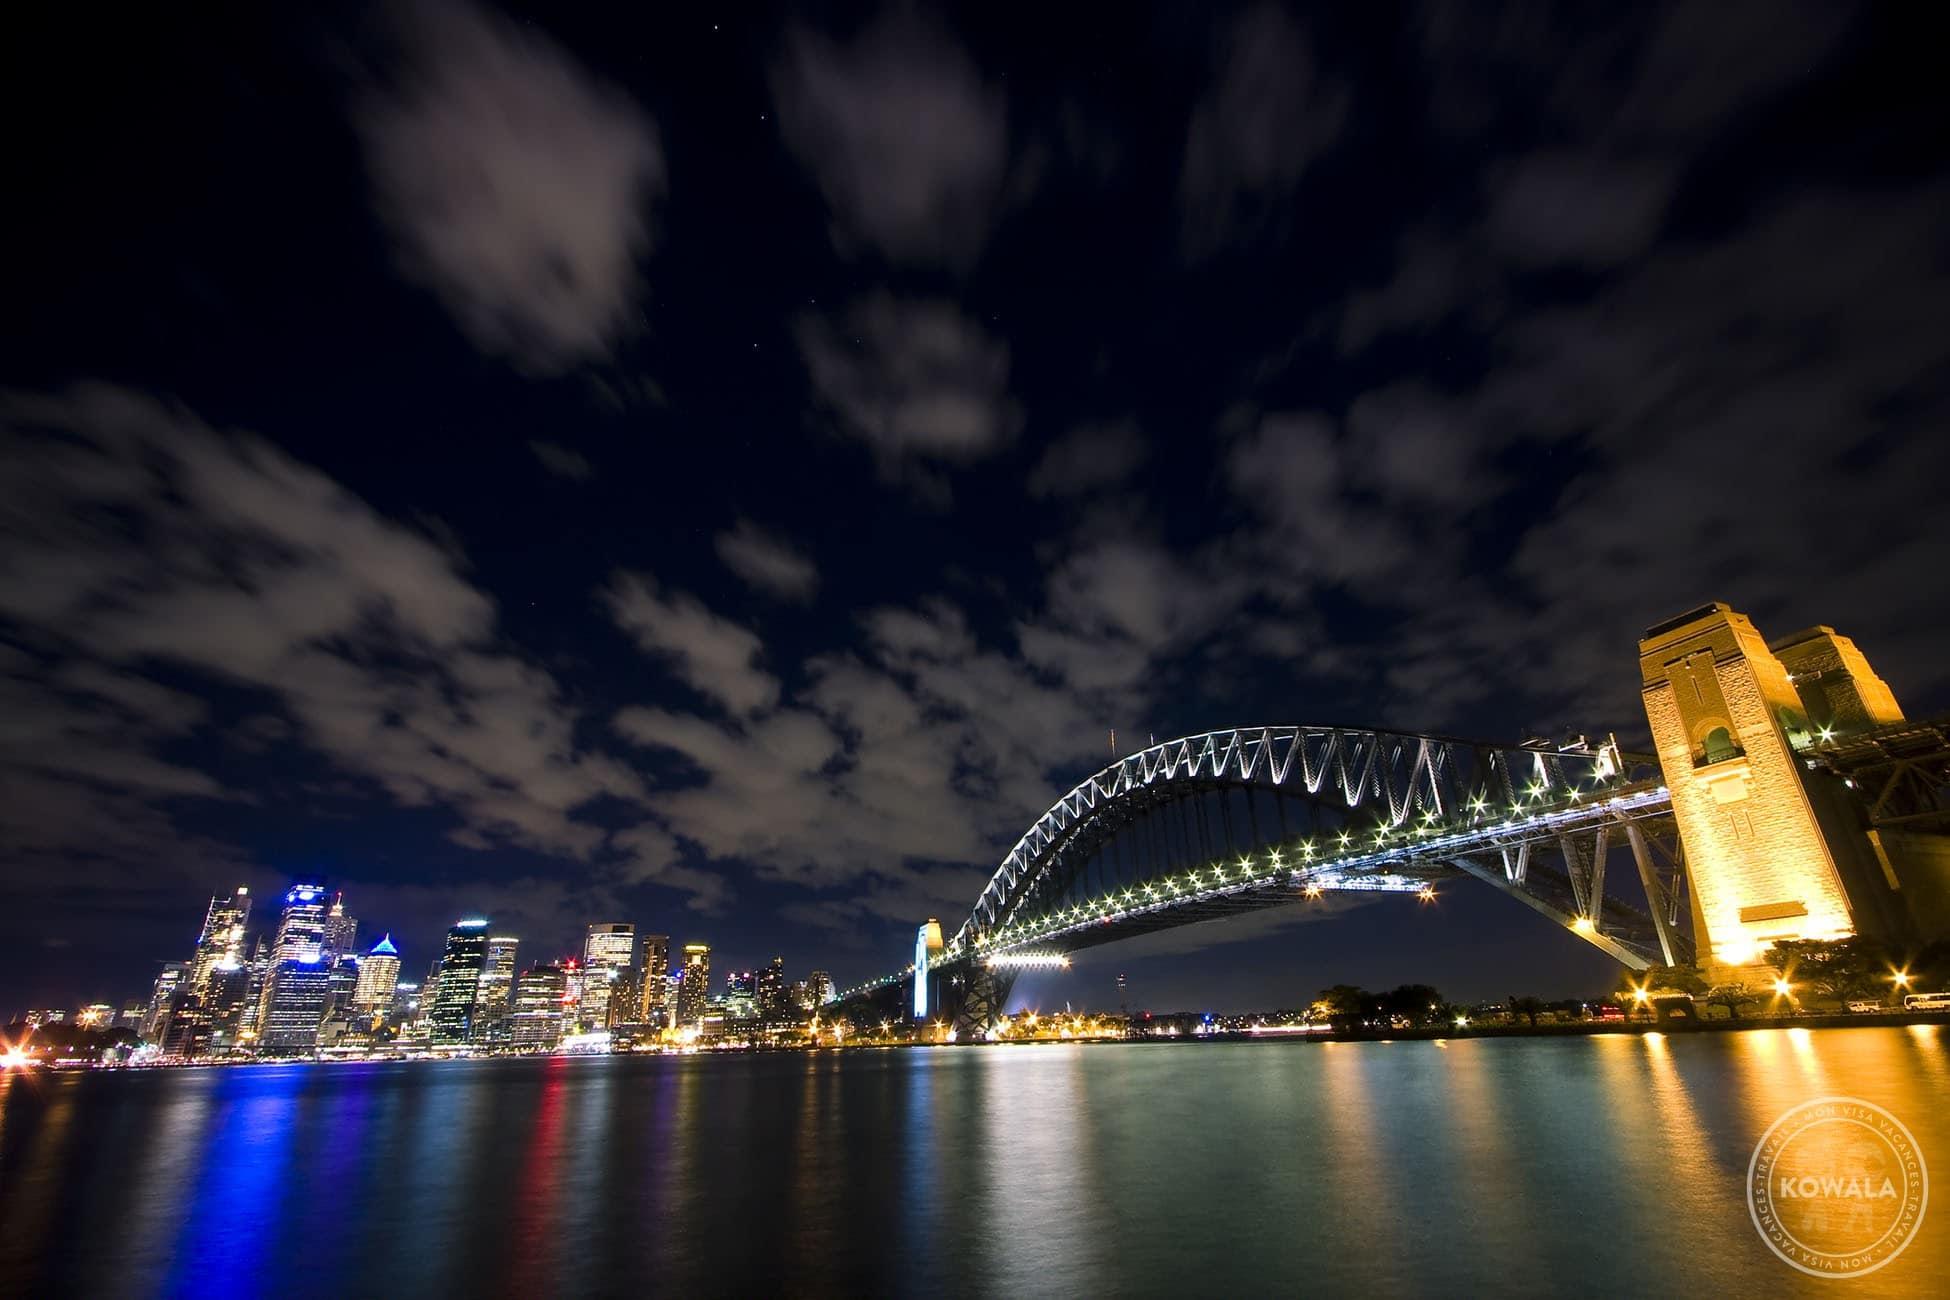 Où dormir à mon arrivée en Australie : l'hébergement courte et longue durée en ville | Kowala - Tour du monde des PVT